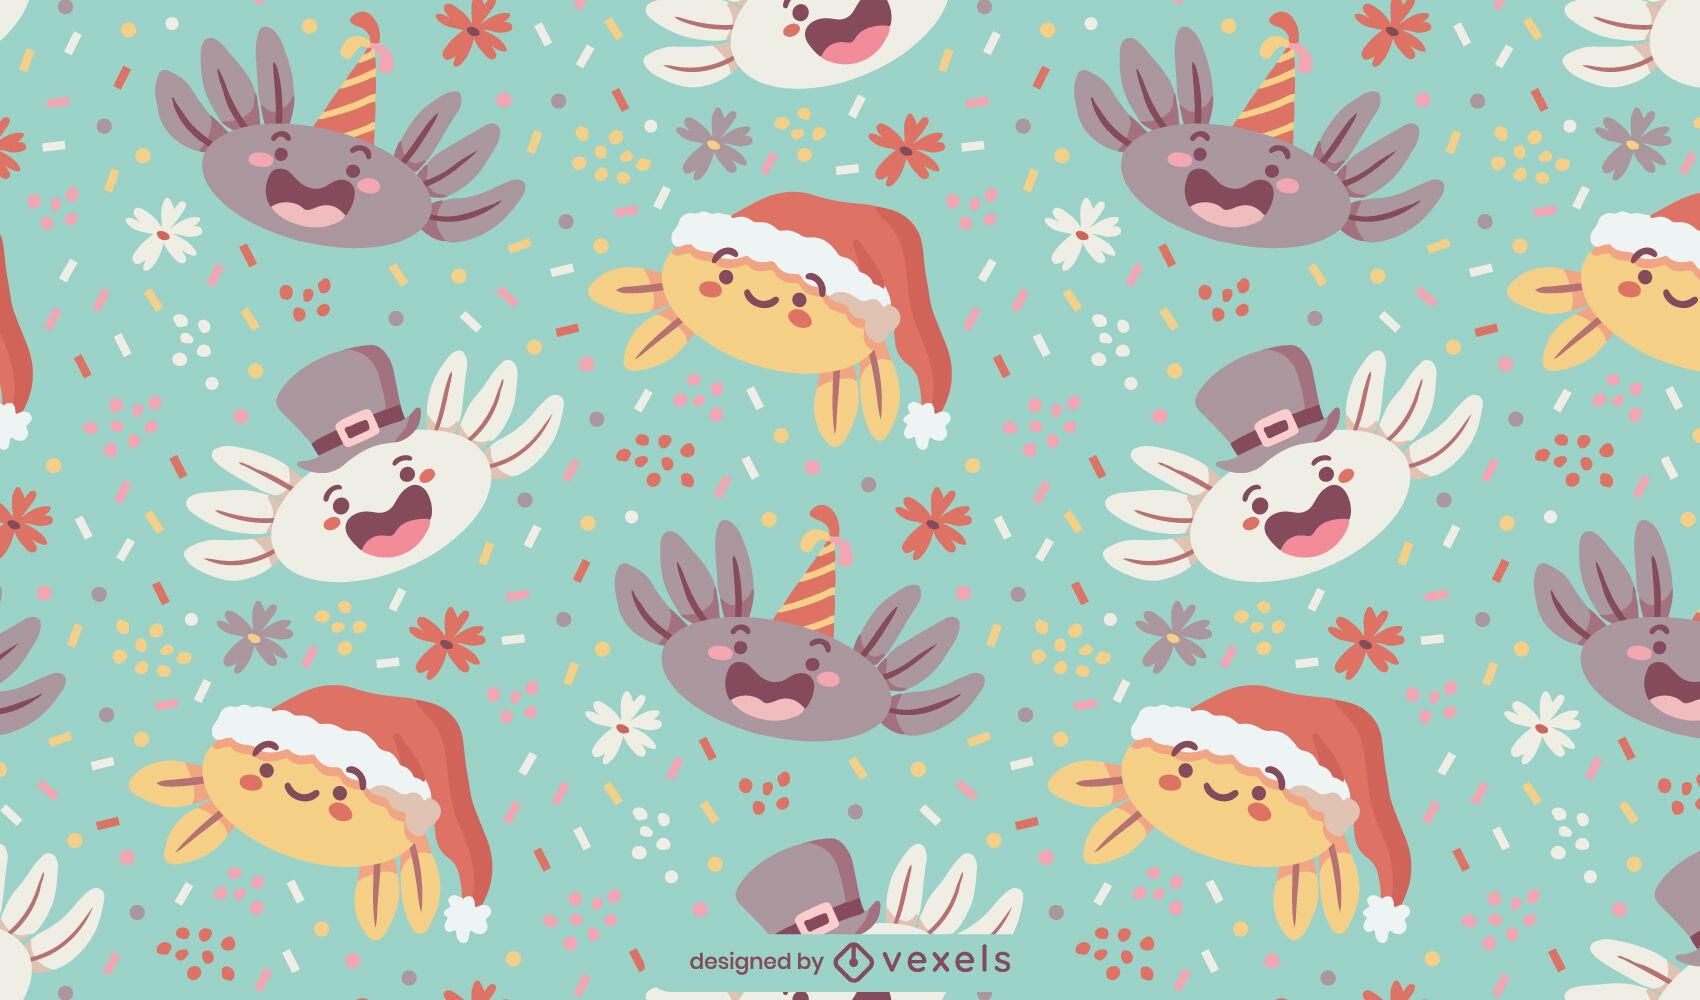 Padrão fofo de personagens de férias Axolotl